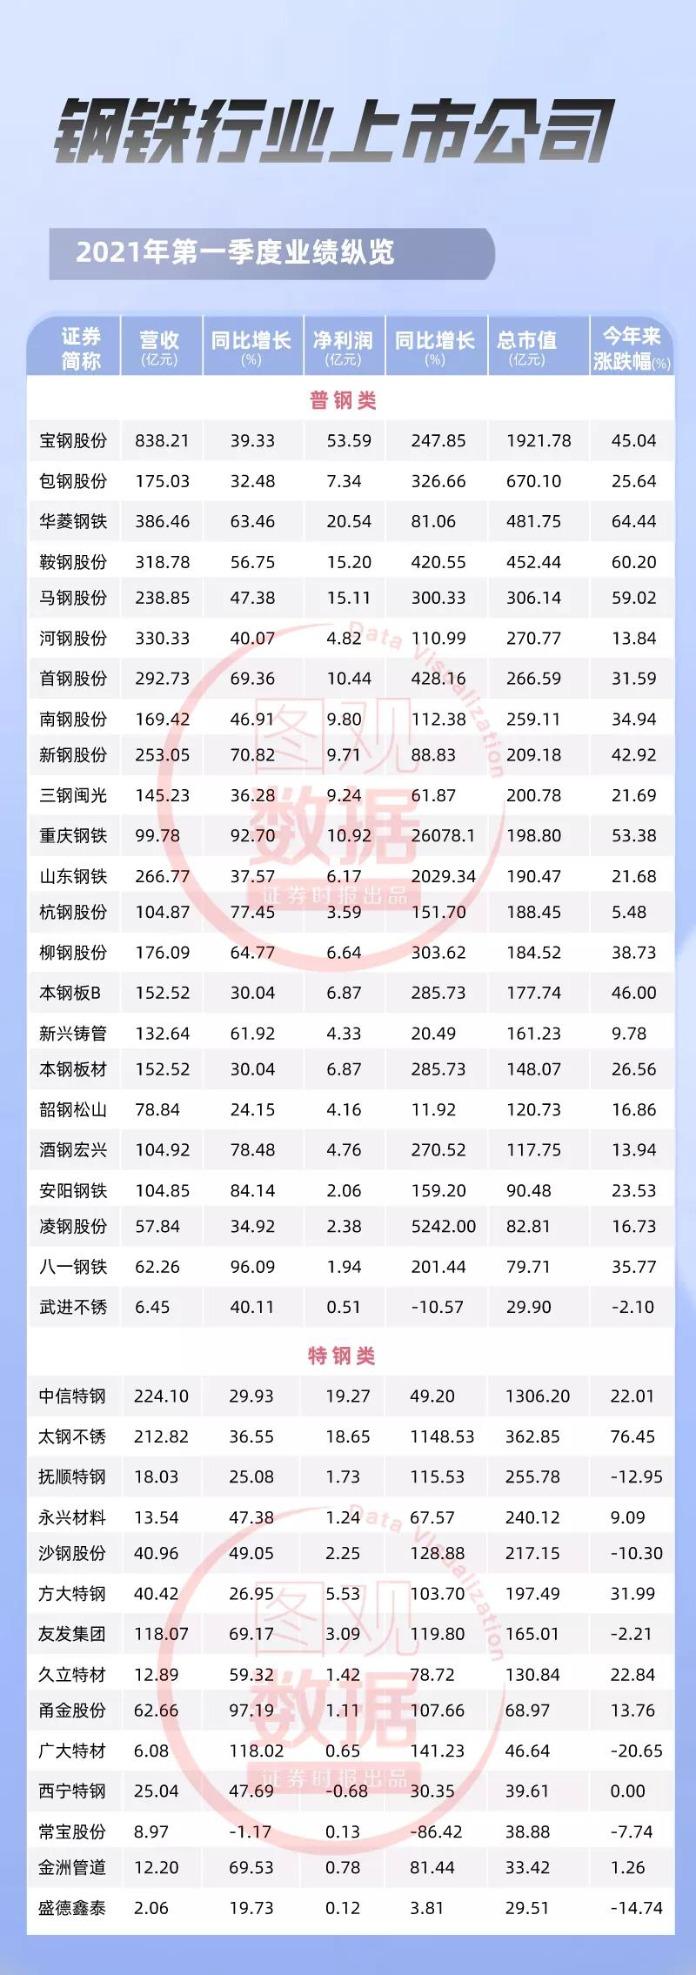 热门_十大热门行业逐个看【钢铁篇】:整个行业仅一家亏损 钢铁股价业绩双升插图